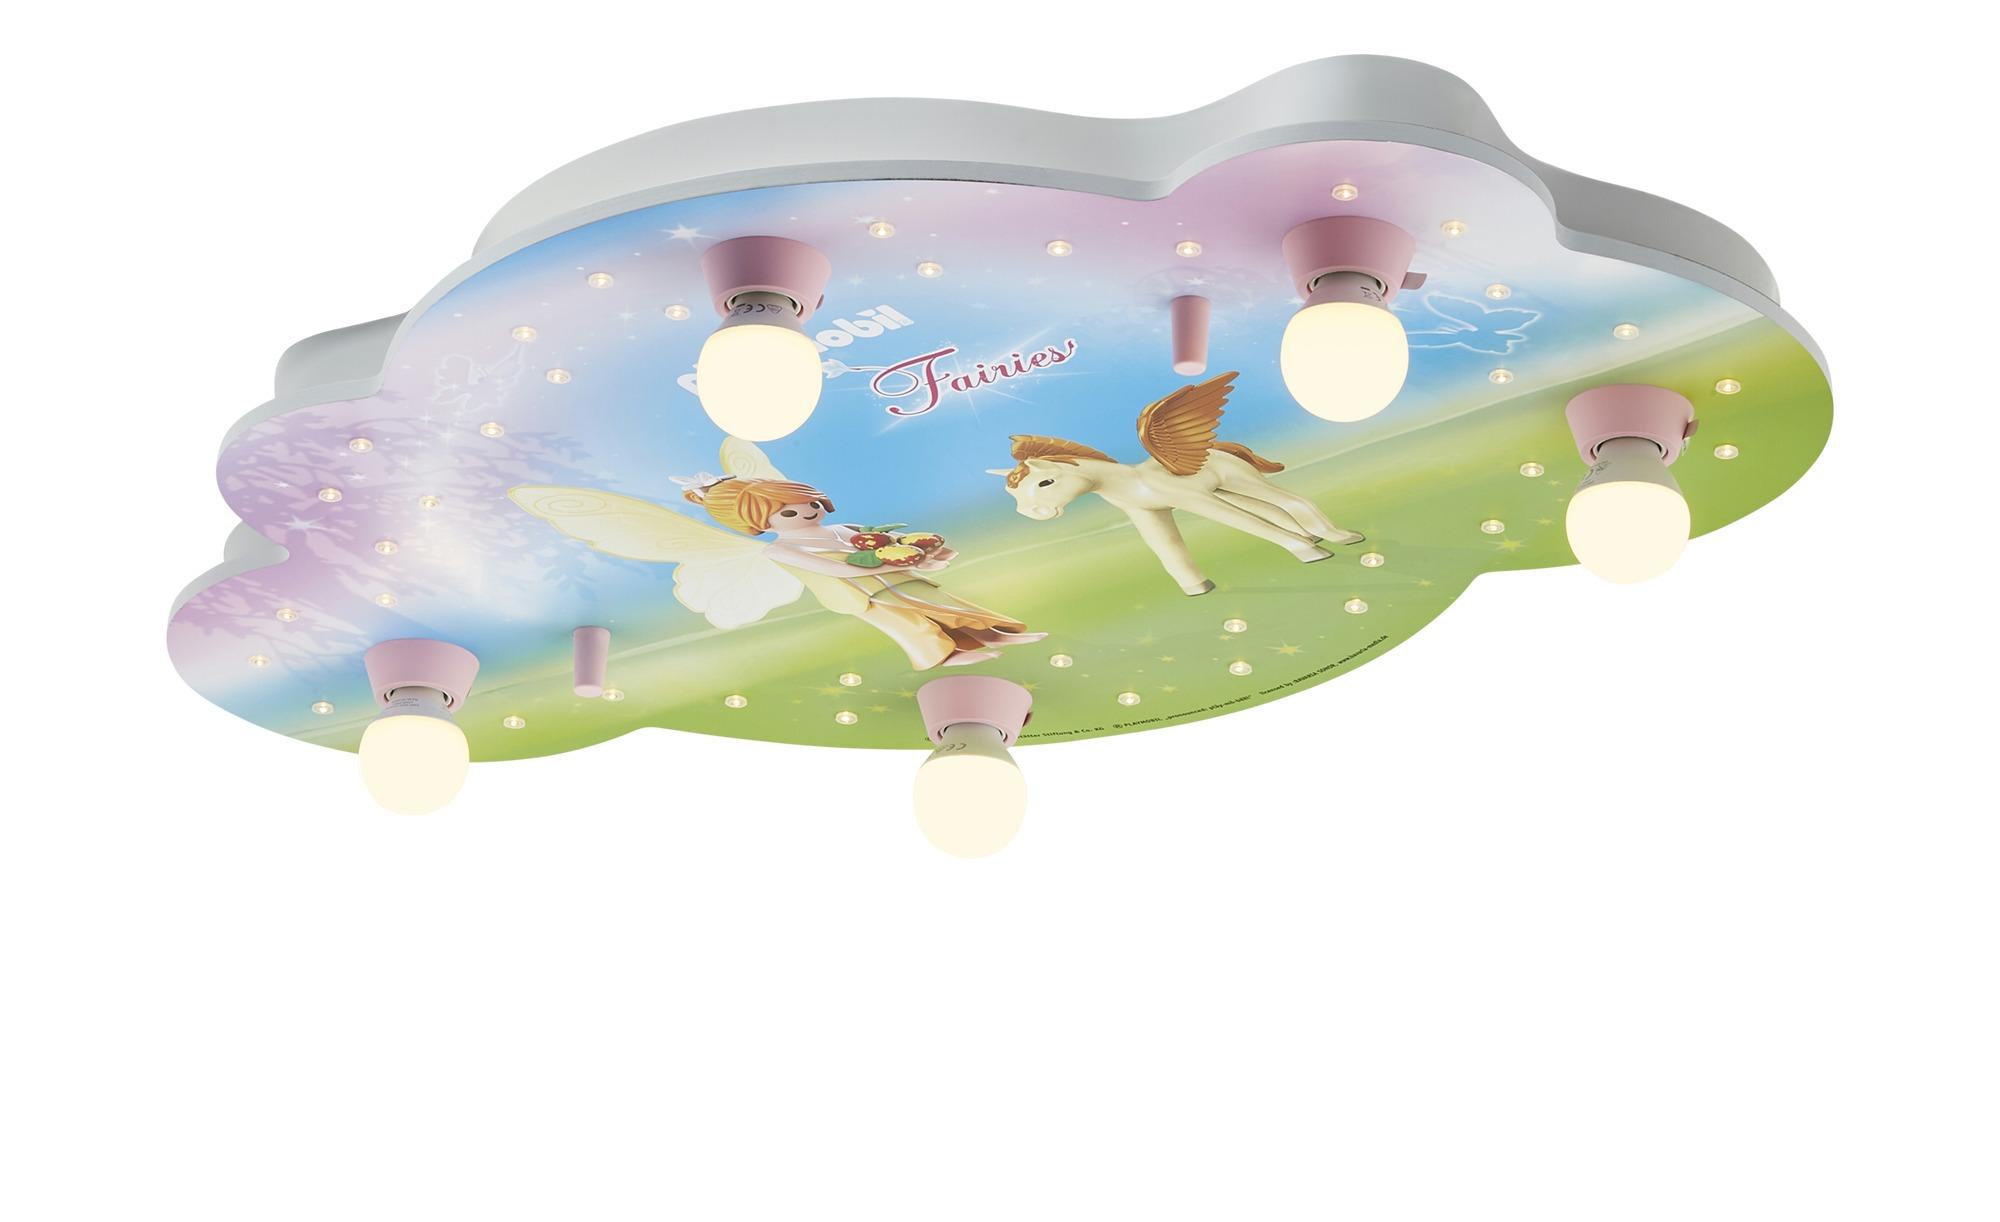 Playmobil Deckenleuchte, 5-flammig, Playmobil ´Fairies´ ¦ rosa/pink ¦ Maße (cm): B: 50 H: 8 Lampen & Leuchten > Innenleuchten > Deckenleuchten - Höffner